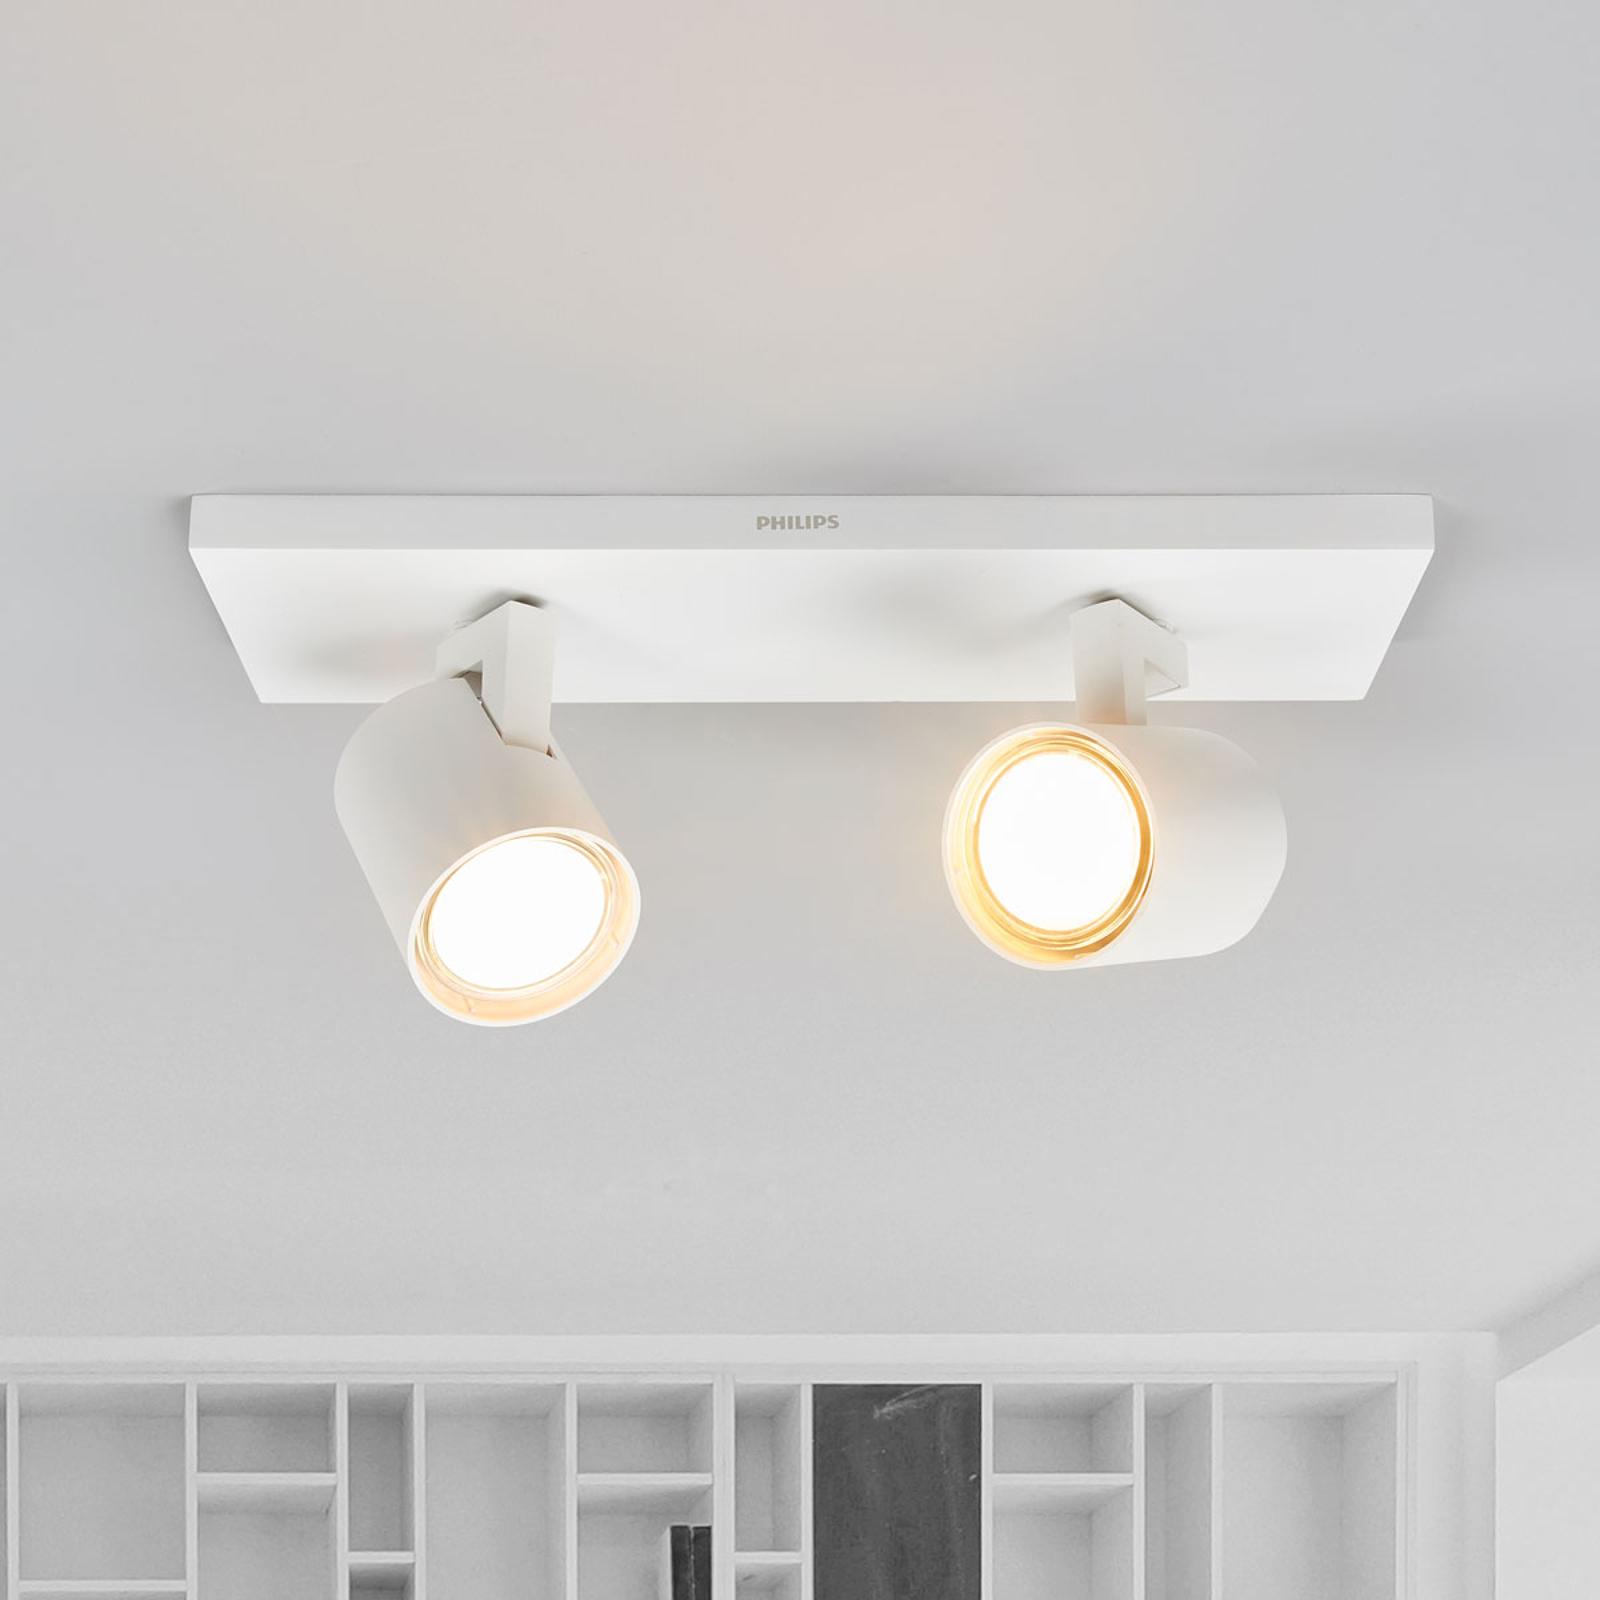 Runner LED-loftlampe med 2 lyskilder